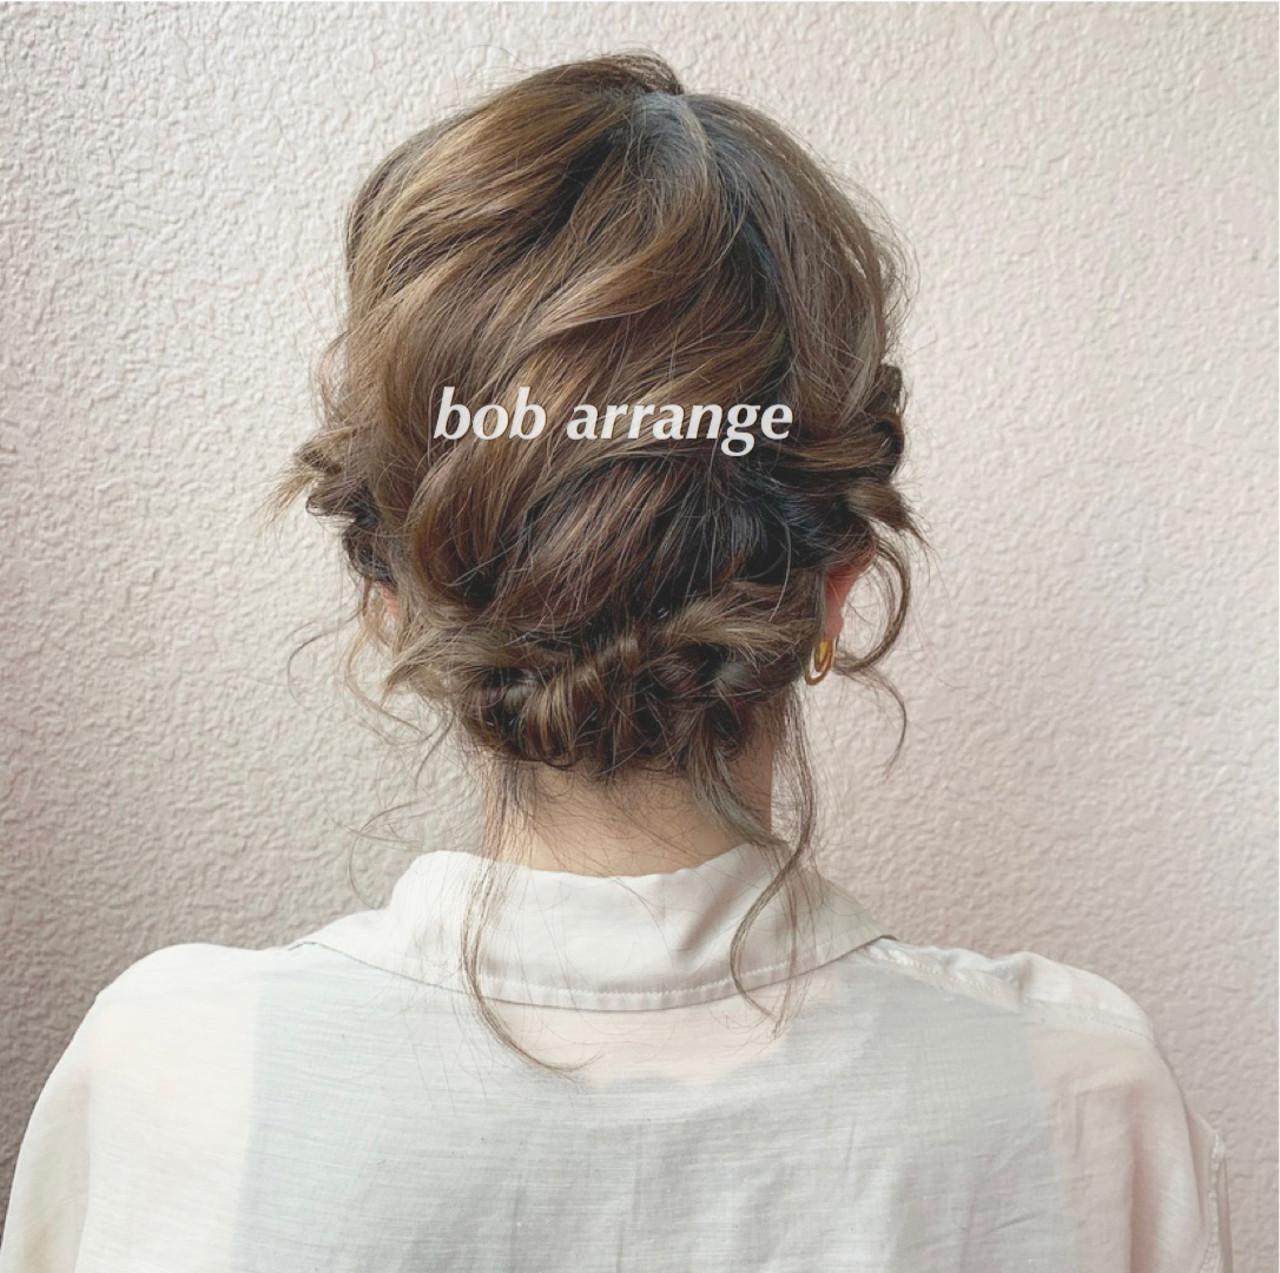 簡単ヘアアレンジ ナチュラル 大人可愛い ボブ ヘアスタイルや髪型の写真・画像